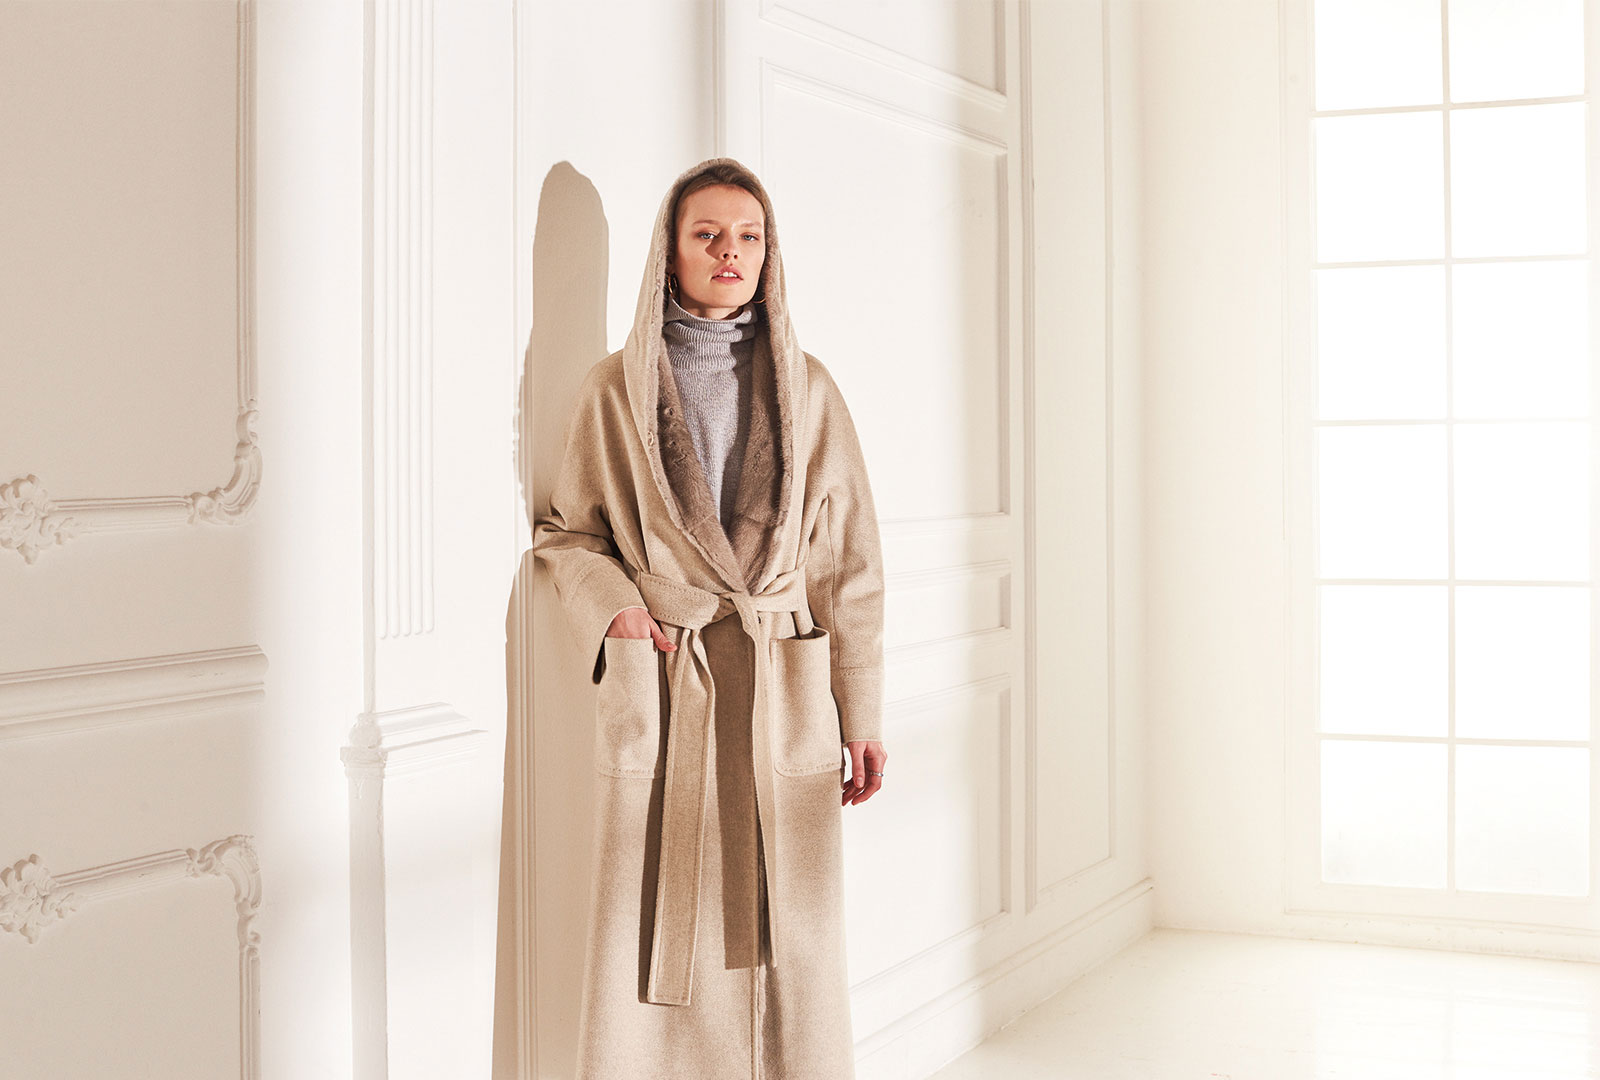 lenoci luxury - cappotto a vestaglia con cappuccio e interno in visone silver blu. Punto Sartoriale